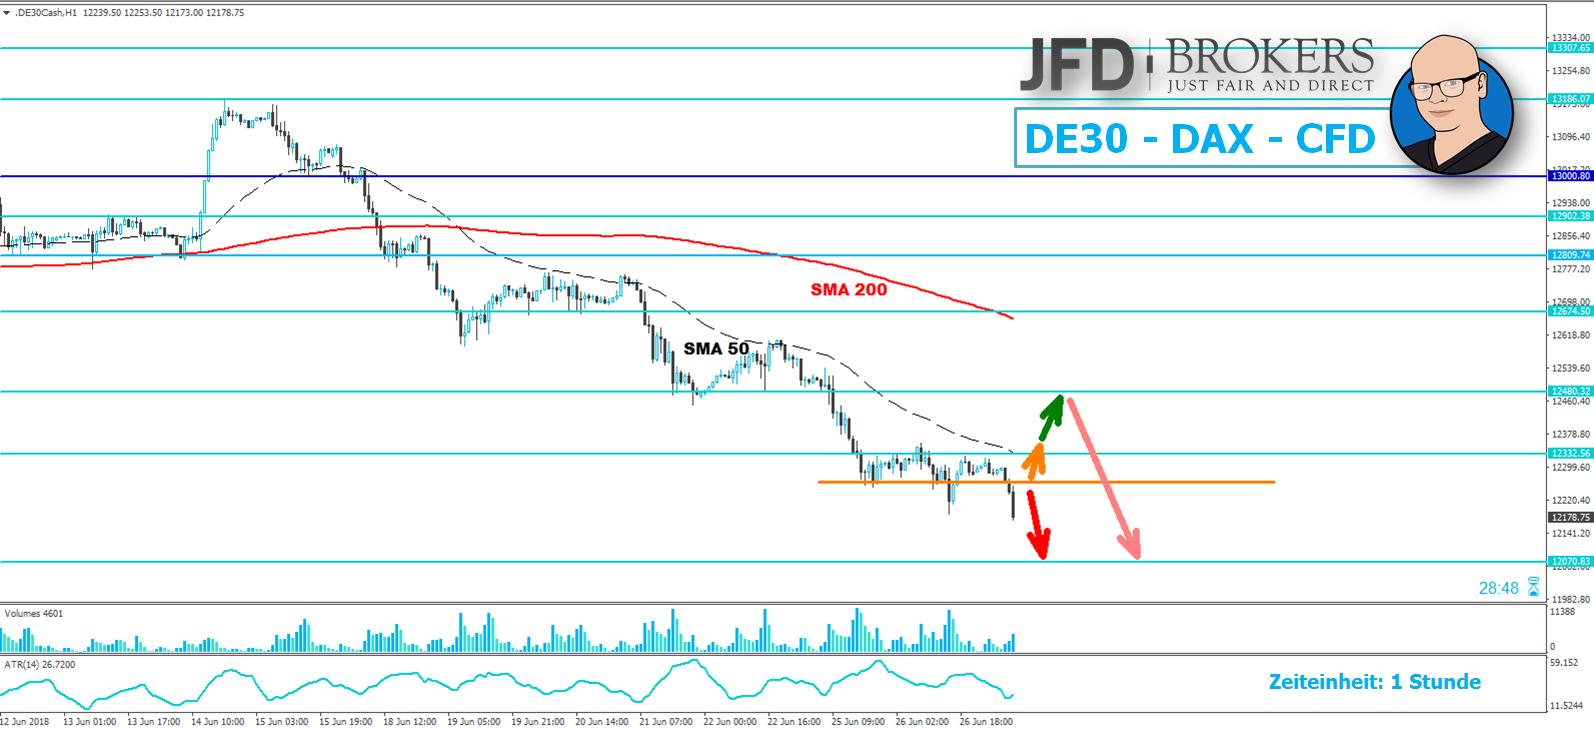 Neue-Bewegungstiefs-im-DAX-Kommentar-JFD-Brokers-GodmodeTrader.de-1